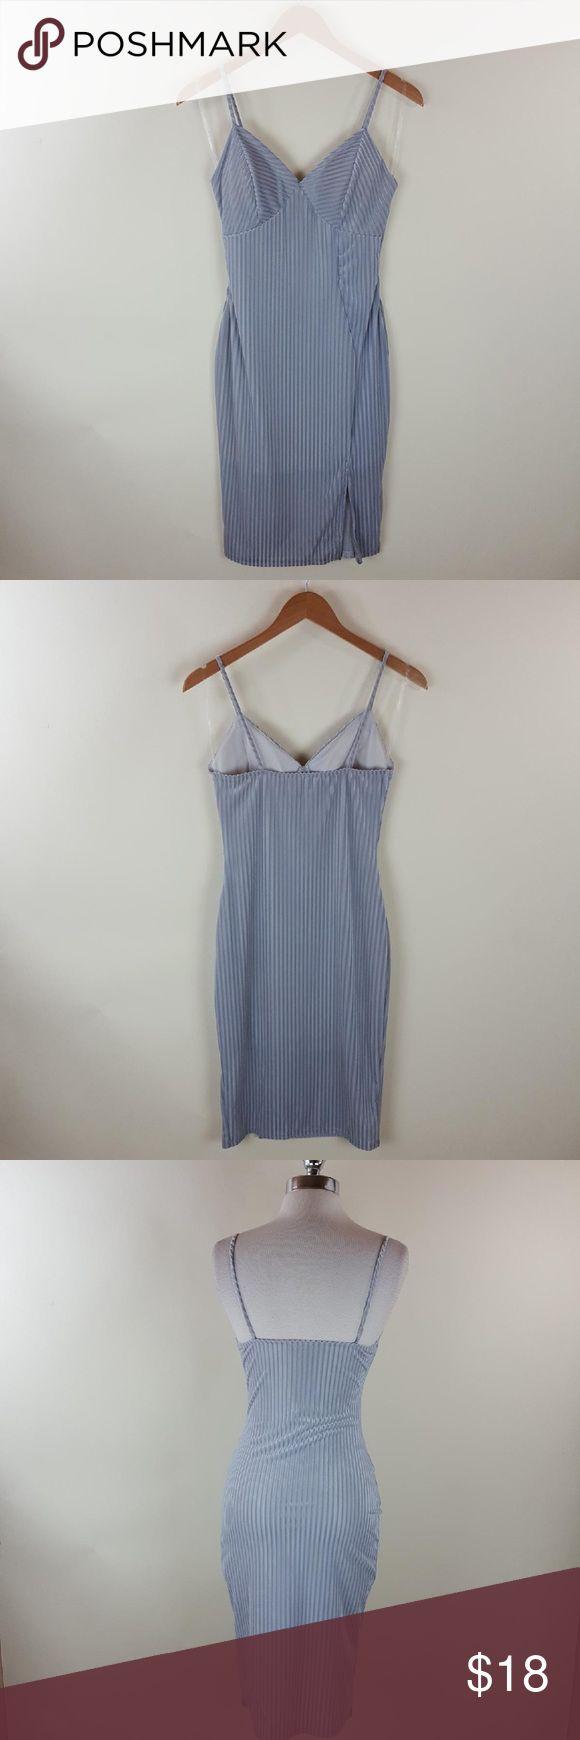 Velvet Striped Silver Bodycon Dress Velvet Striped Silver Bodycon Dress Dresses Midi